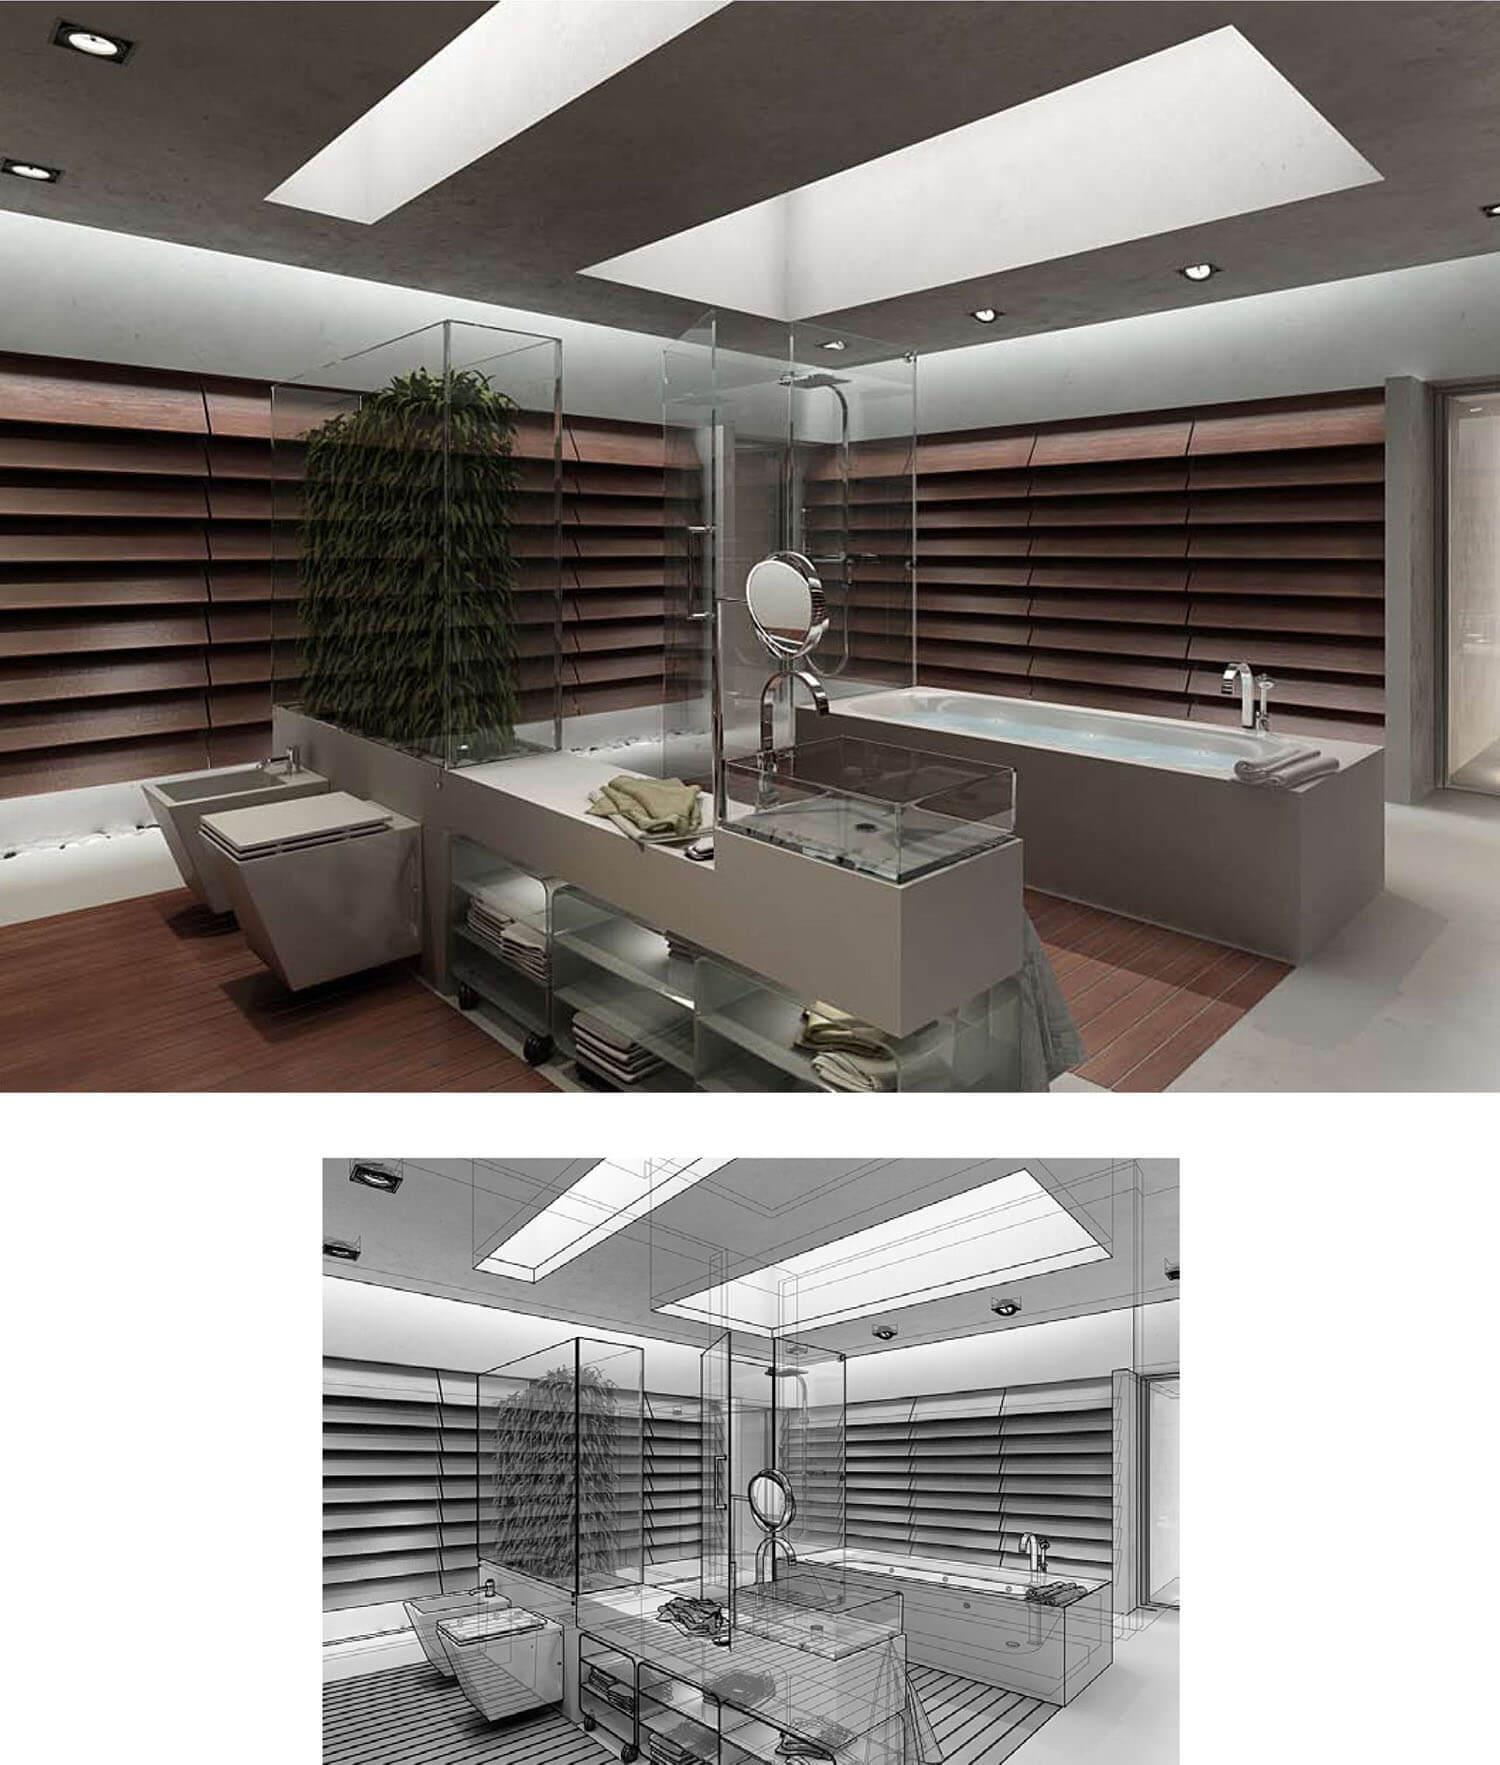 Nội thất ốp gỗ phòng tắm đưa thiên nhiên vào